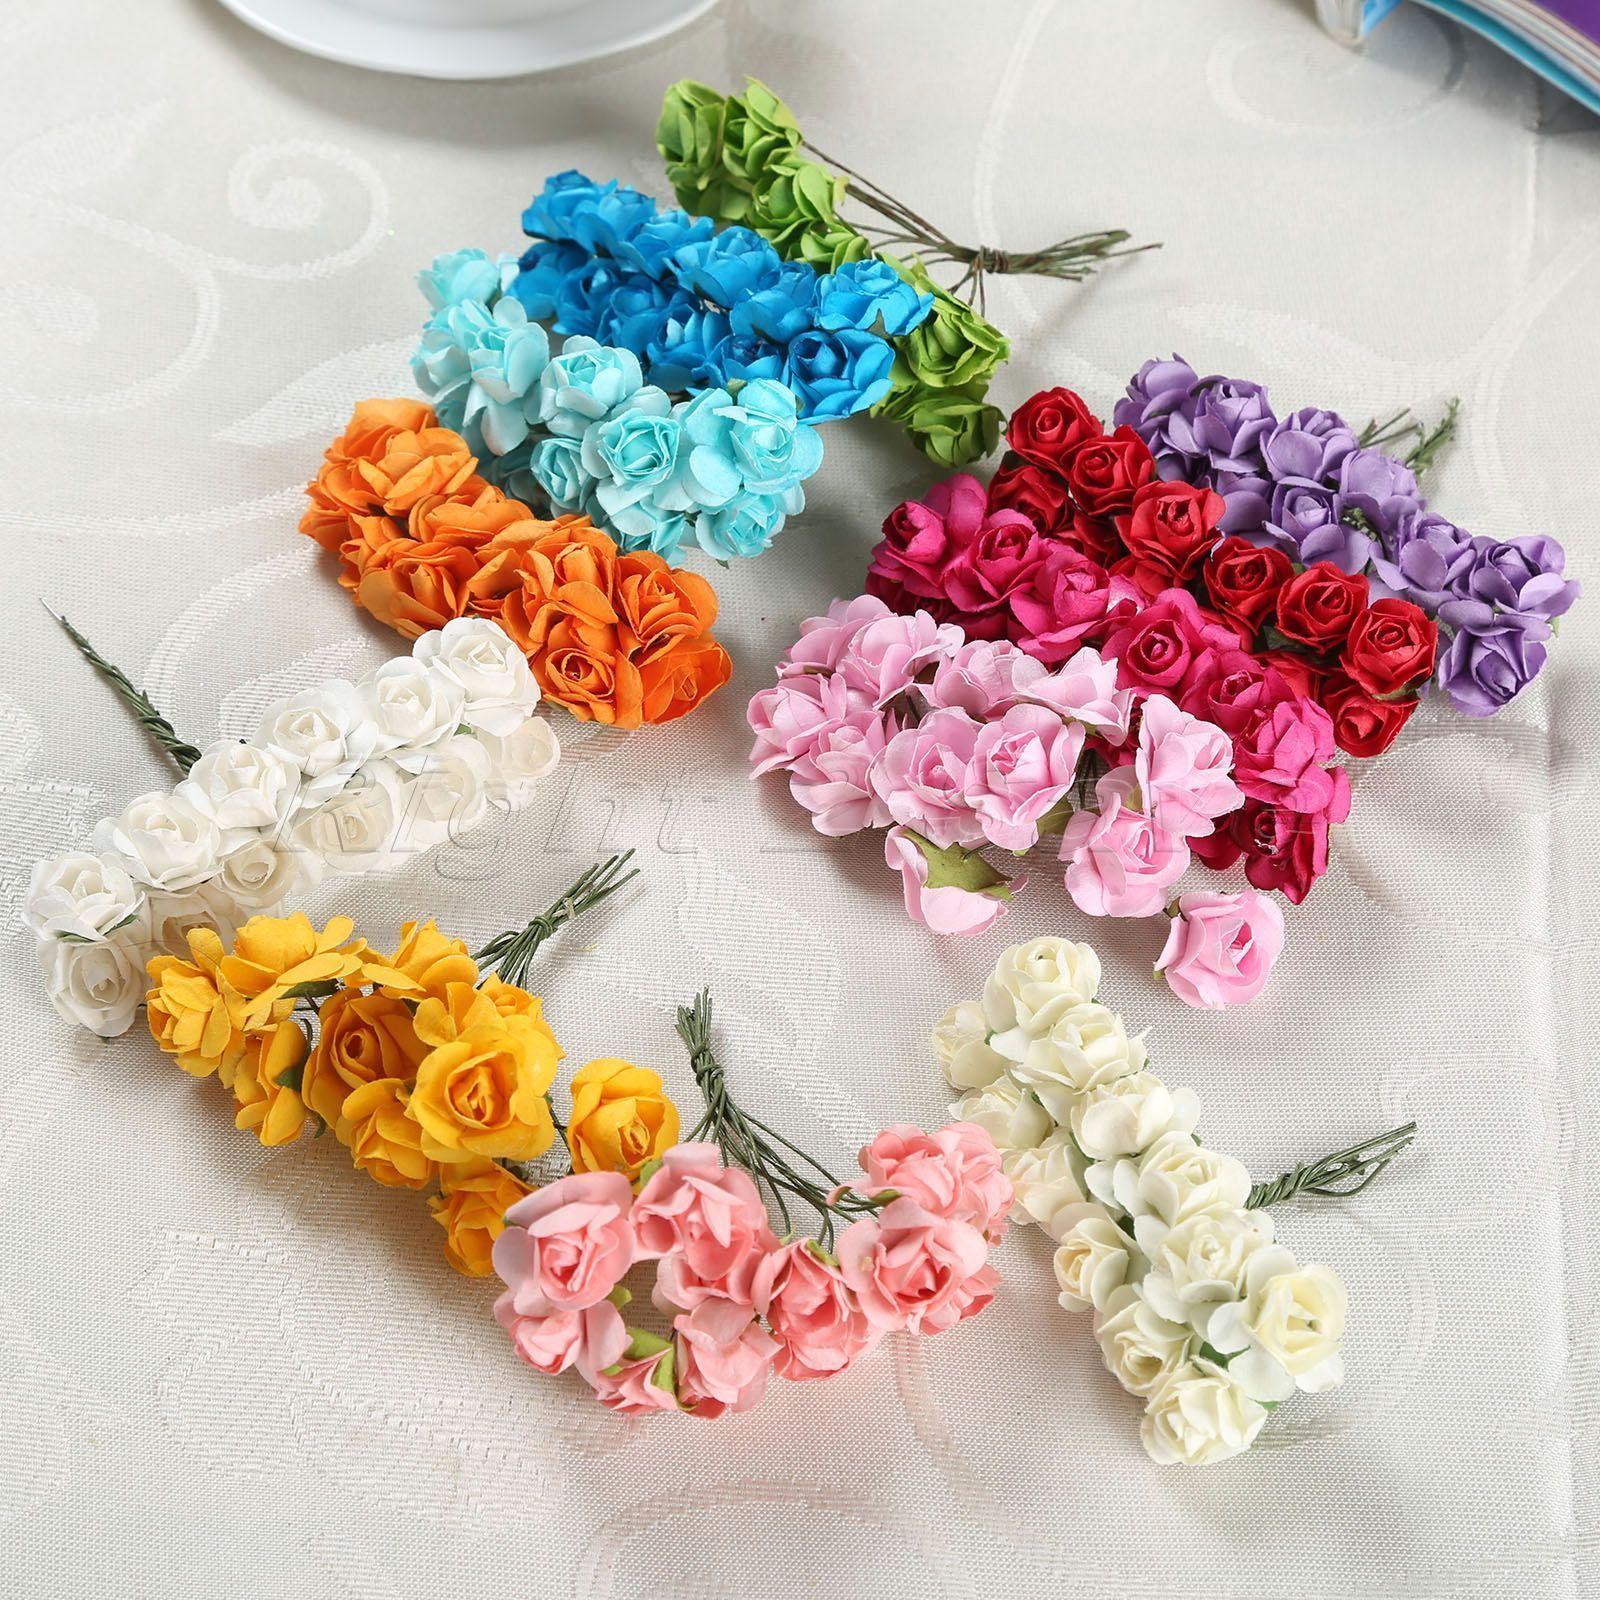 Artificial Plants Flowers Home Garden Flower Bouquet Wedding